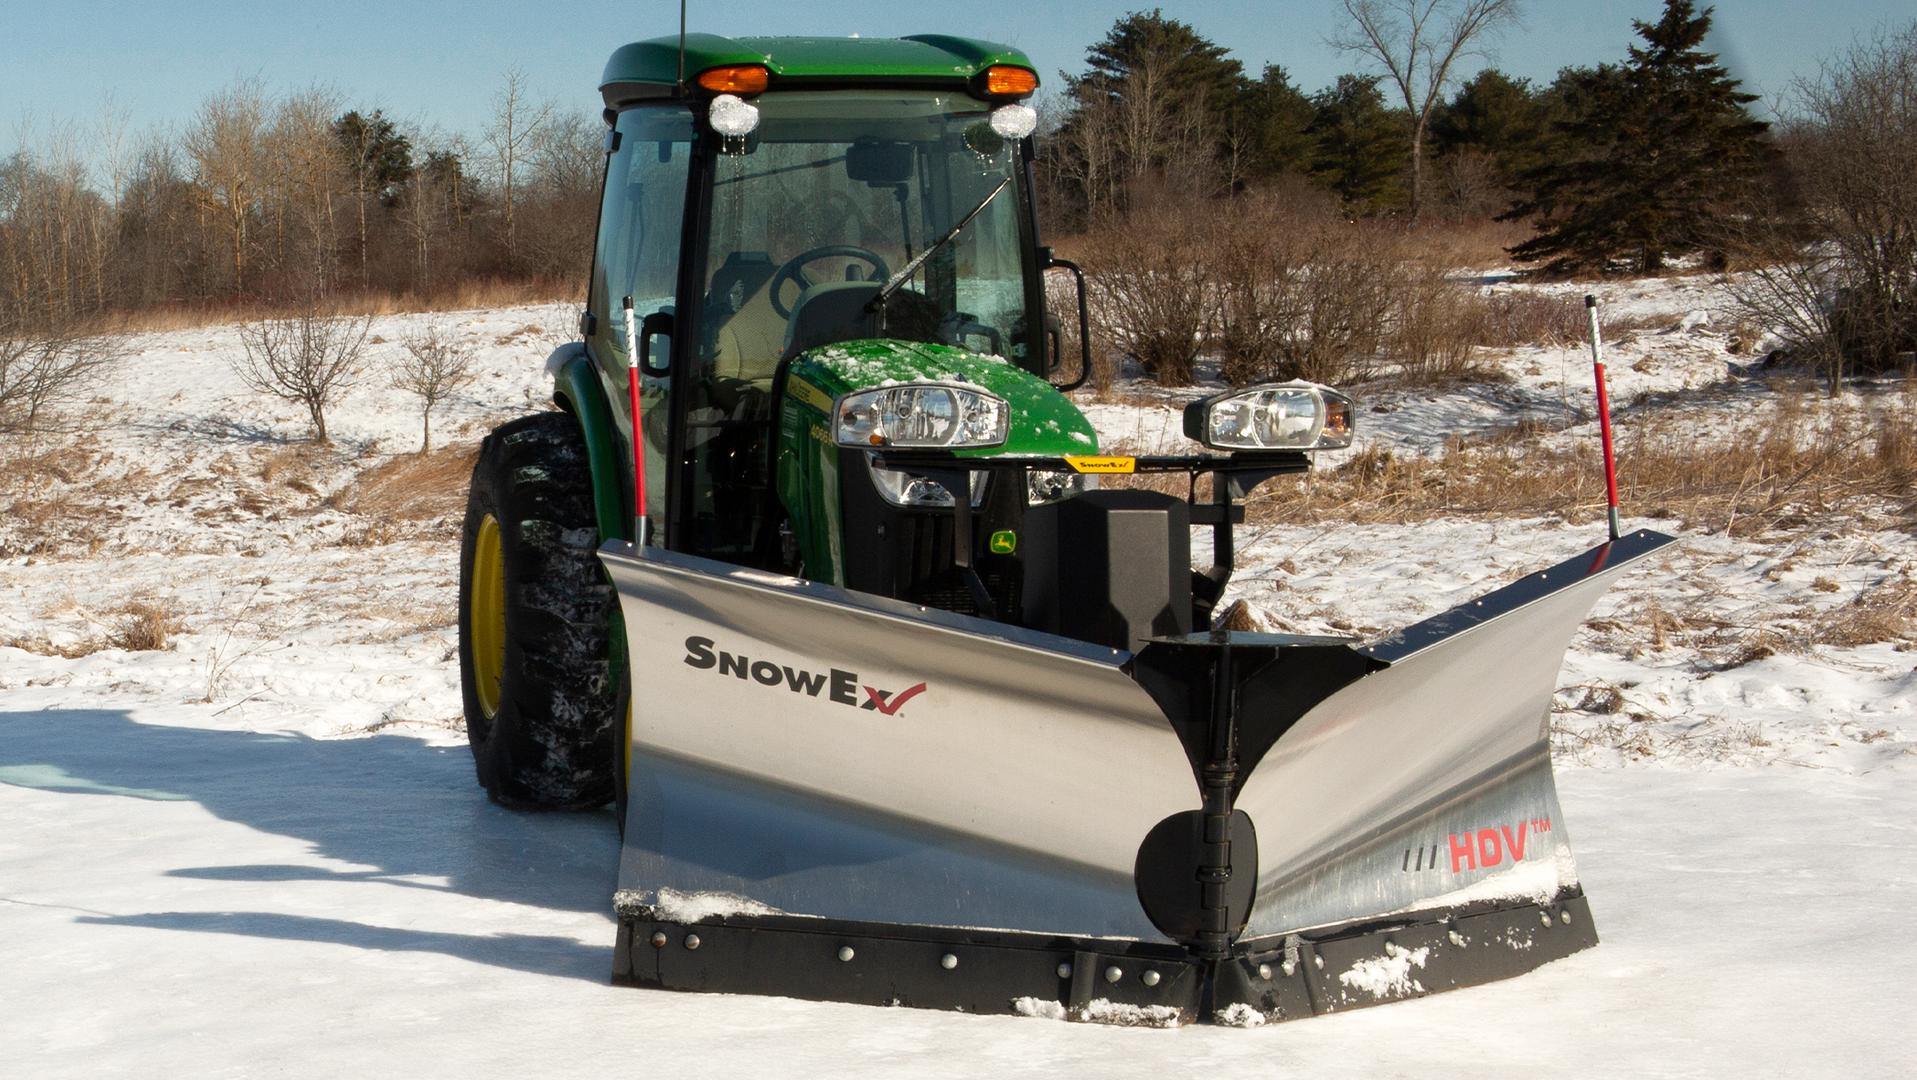 SnowEX Automatixx Attachment Kits for Tractors